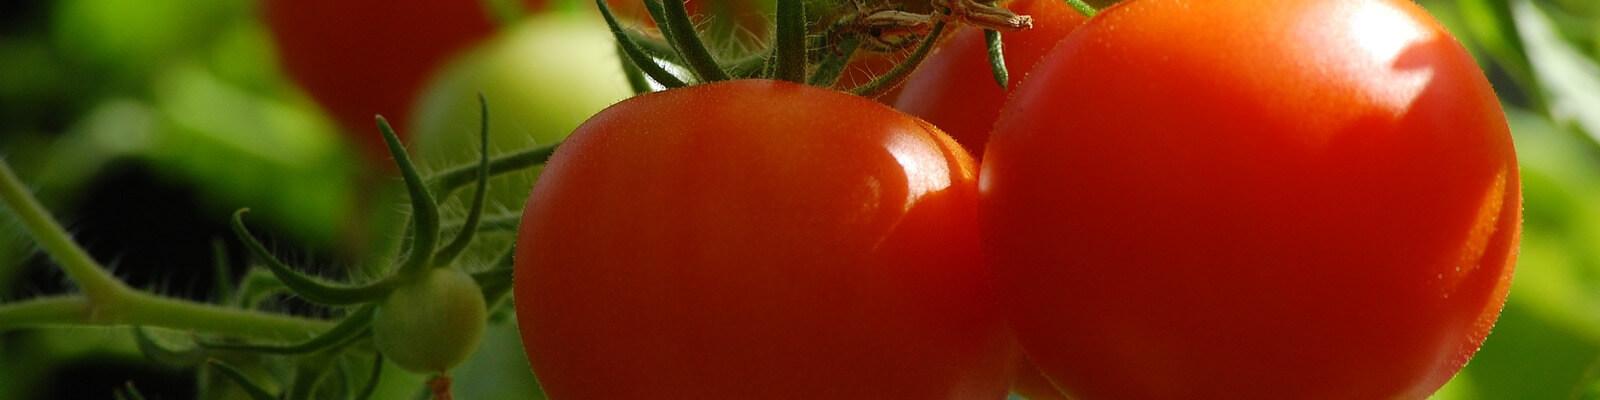 Tomatensamen ausäen